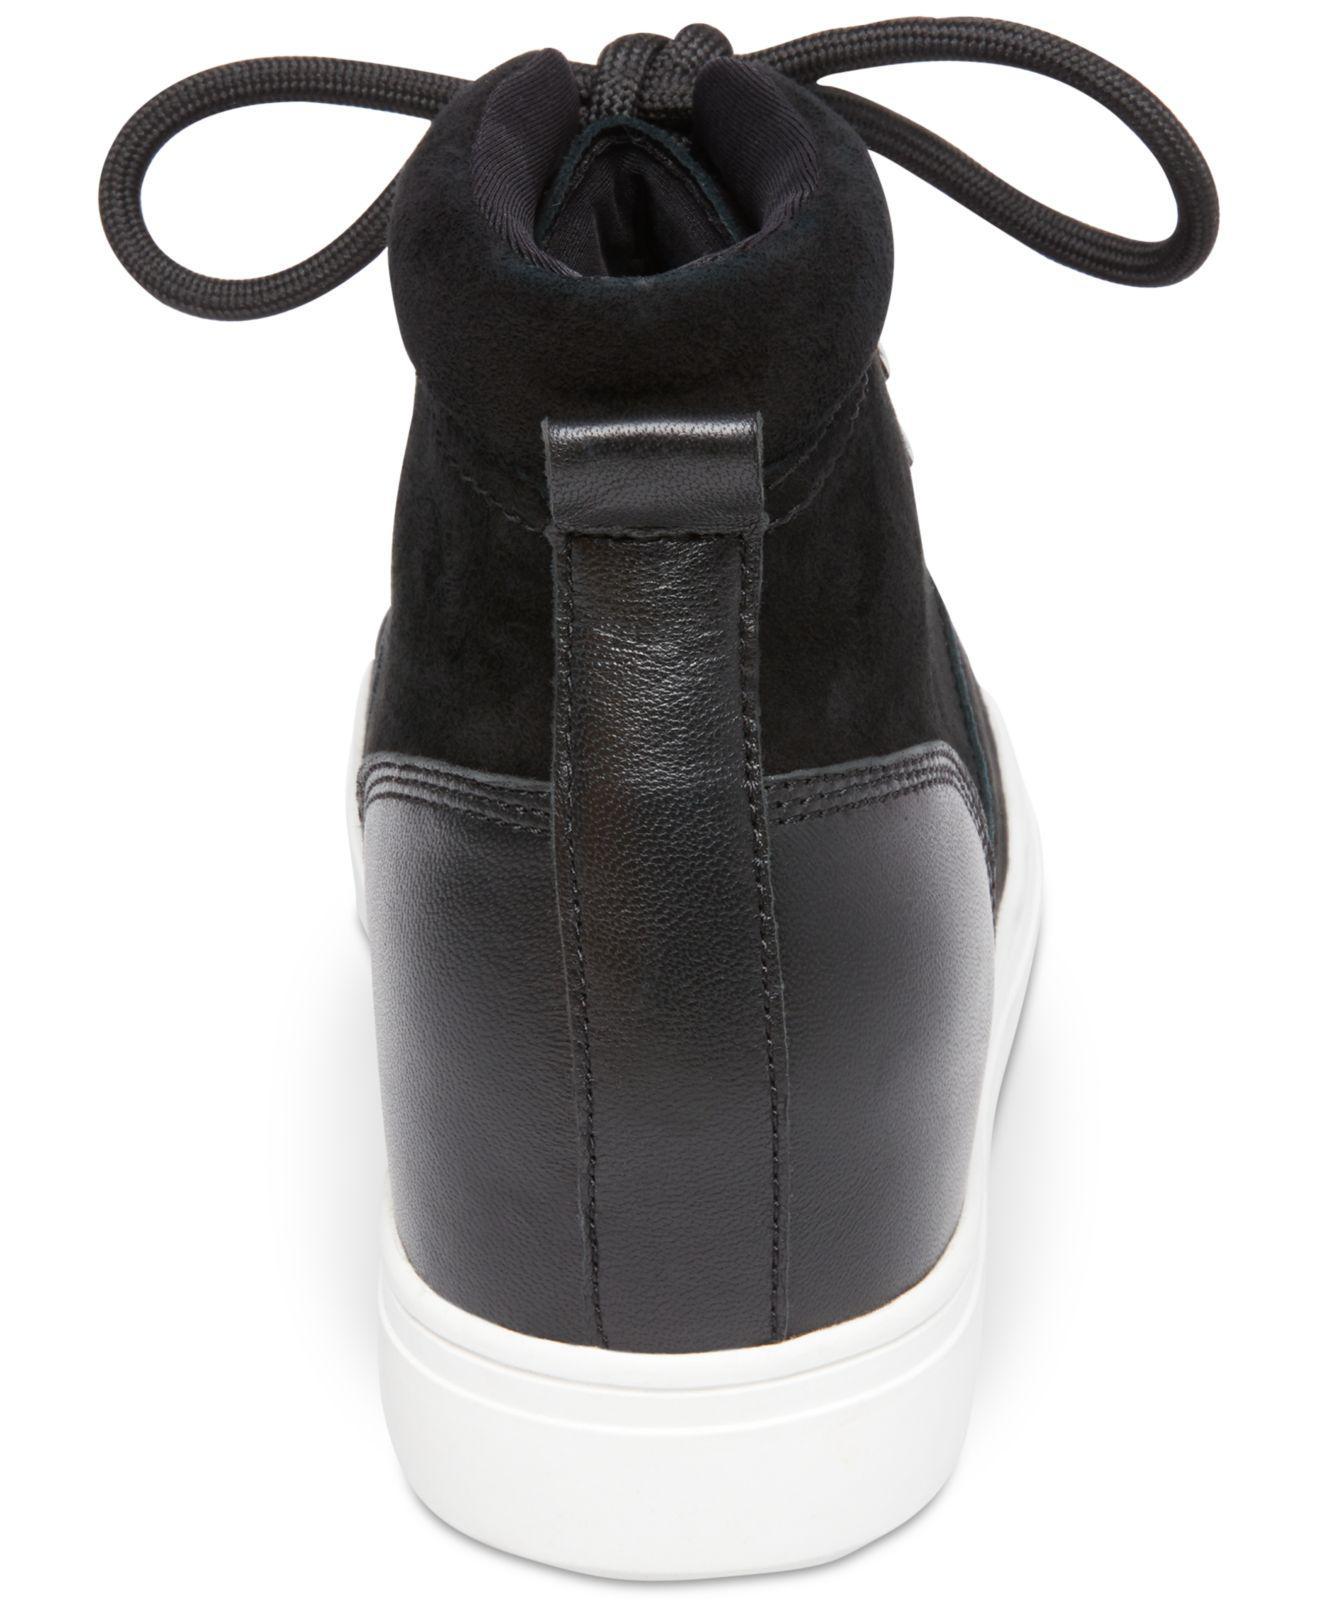 c4671400214 Steven by Steve Madden - Black Kalea Sneaker - Lyst. View fullscreen